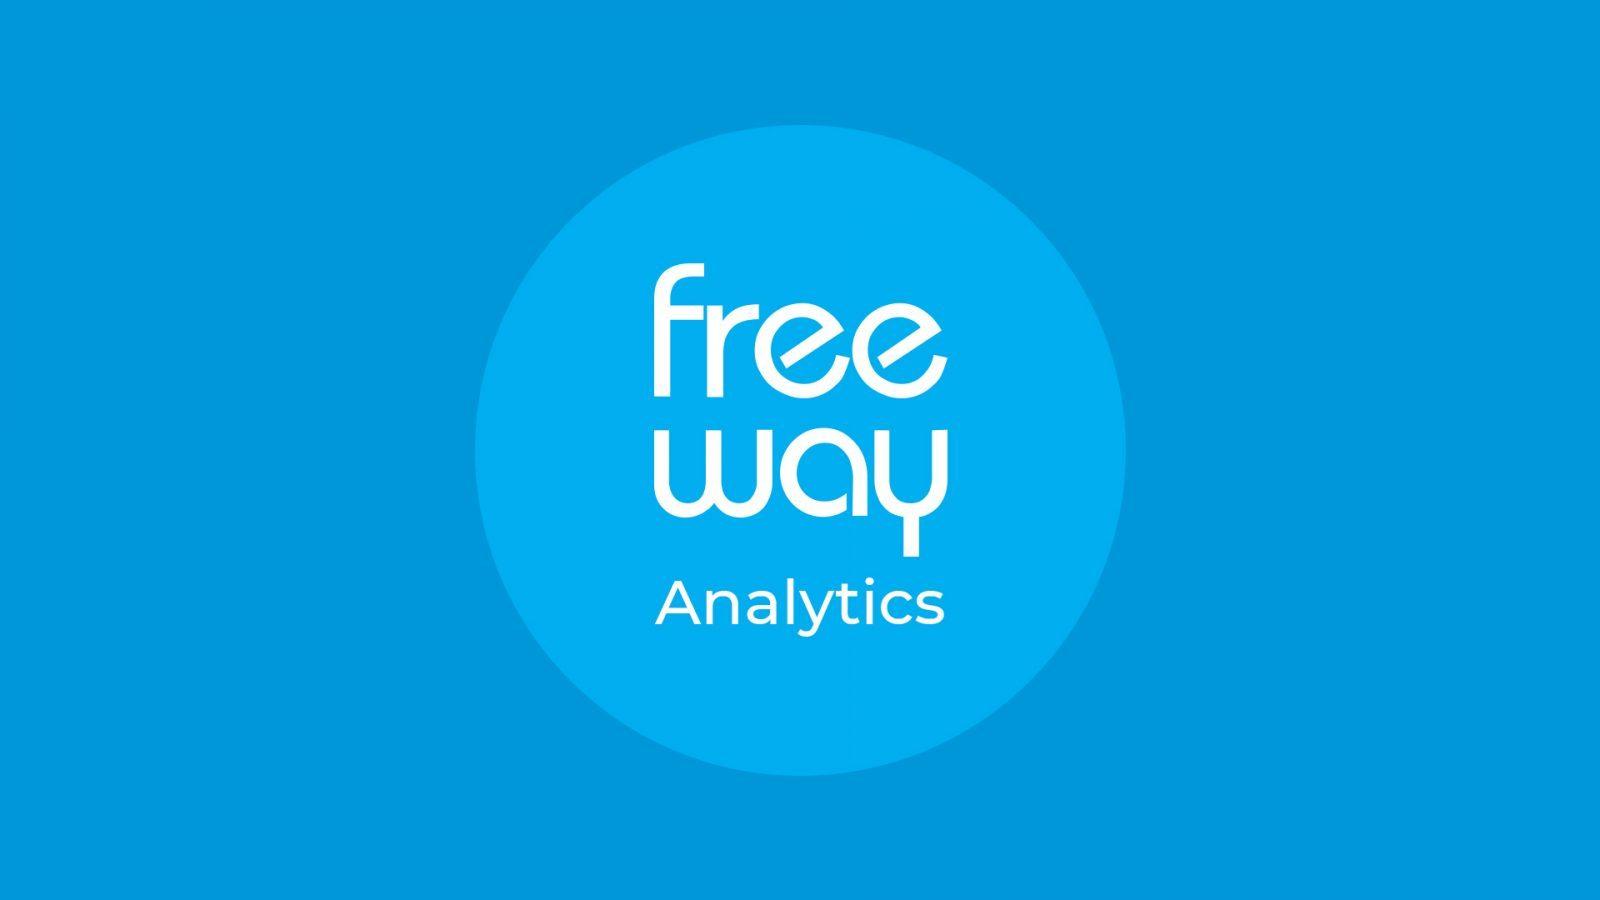 Free-Way Analytics